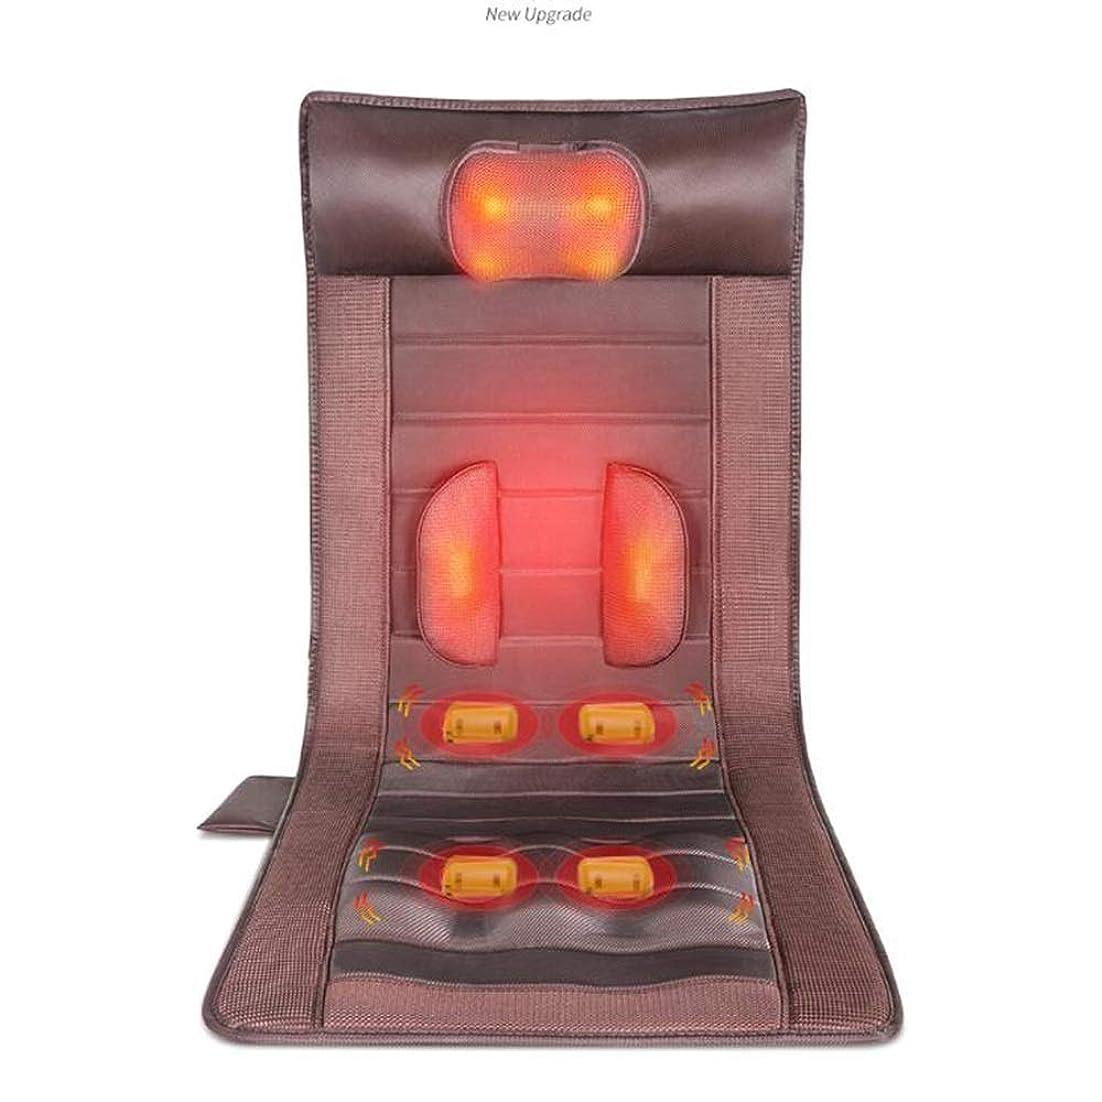 外交消える衝突JIAYUAN マッサージクッション マッサージマット熱、セラピー暖房パッド、15振動モーターマッサージマットレスパッド、全身マッサージクッション和らげる首、背中、腰、脚の痛み